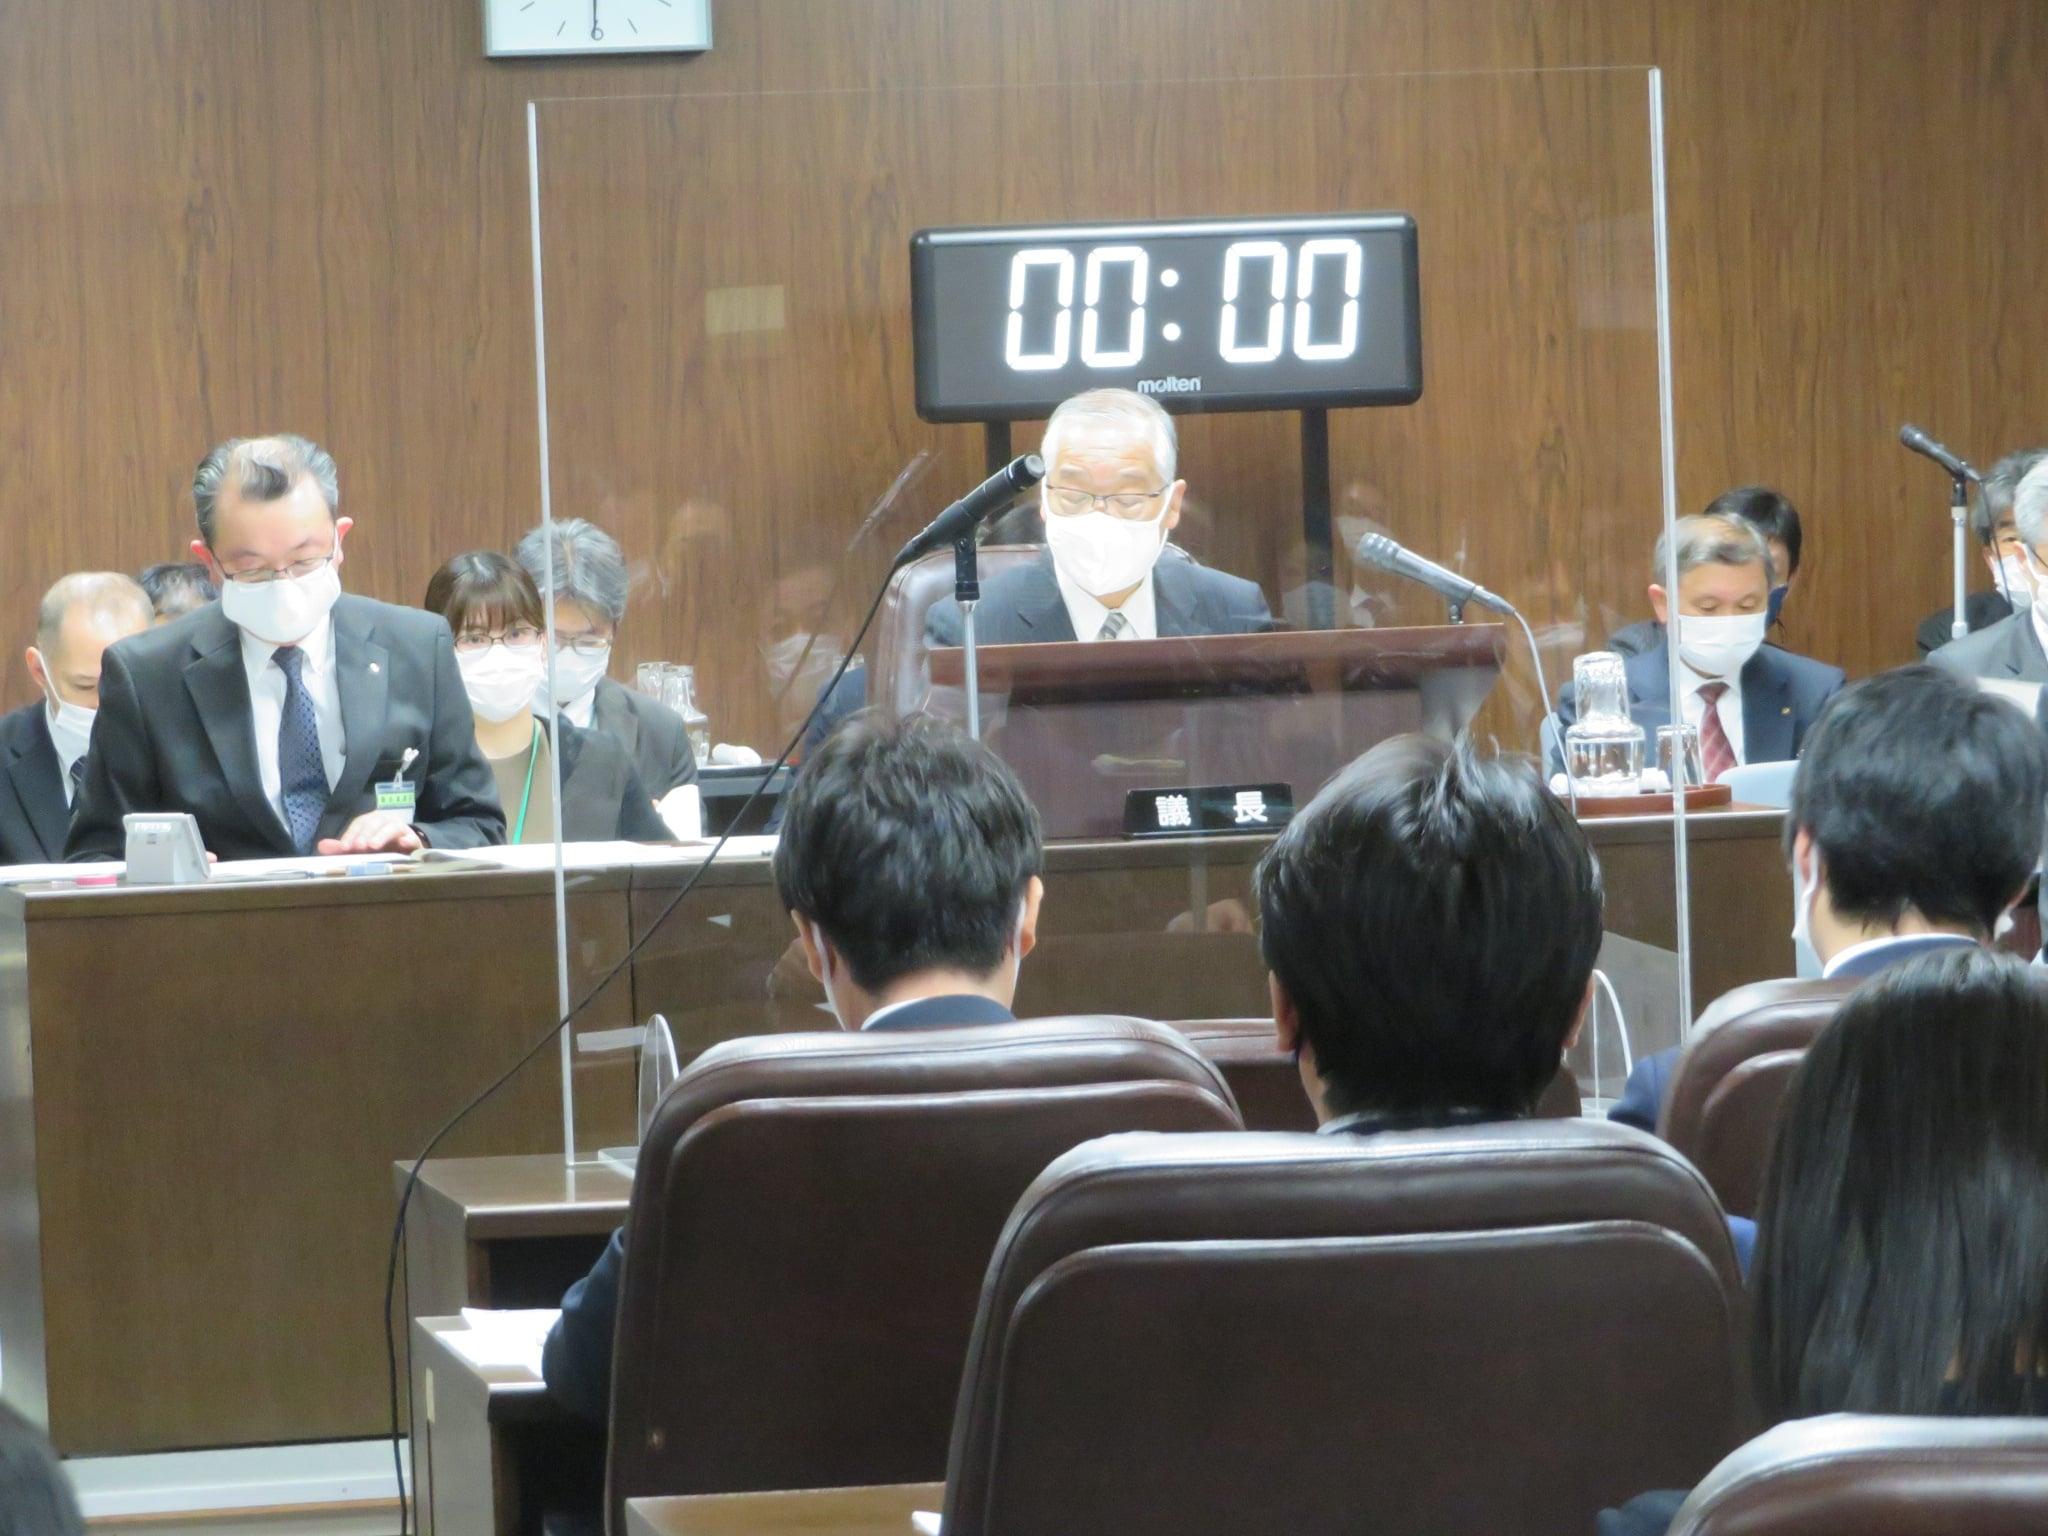 令和3年4月5日(月) 第8回仙台市議会災害対策会議(全議員)を開催しました。